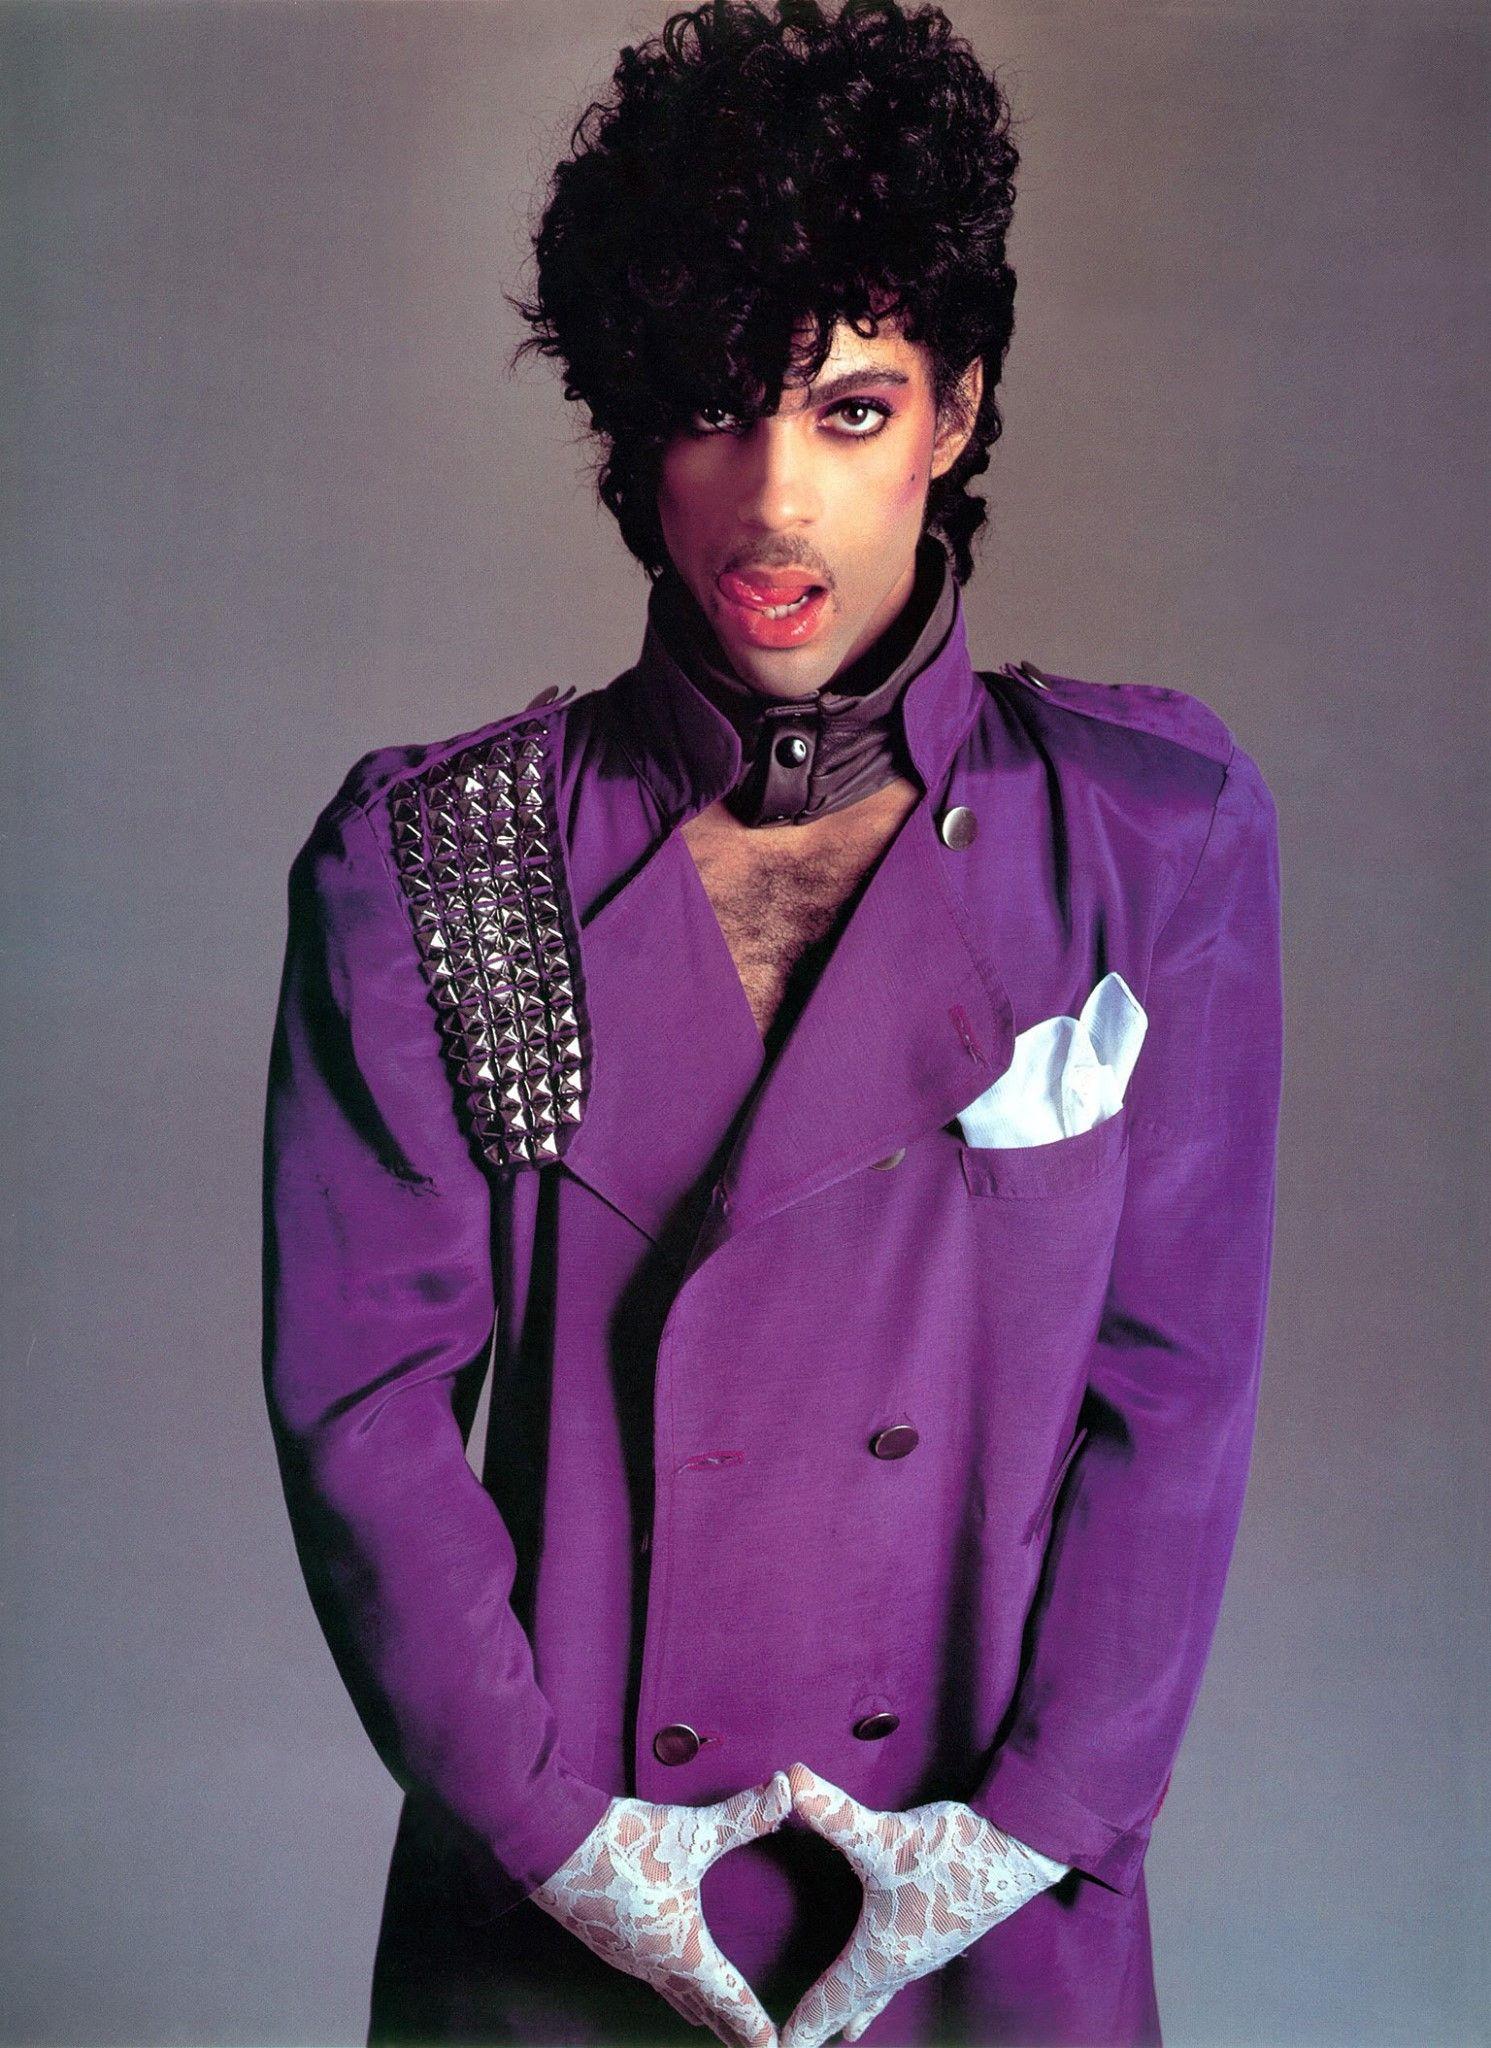 prince 1980s fashion에 대한 이미지 검색결과